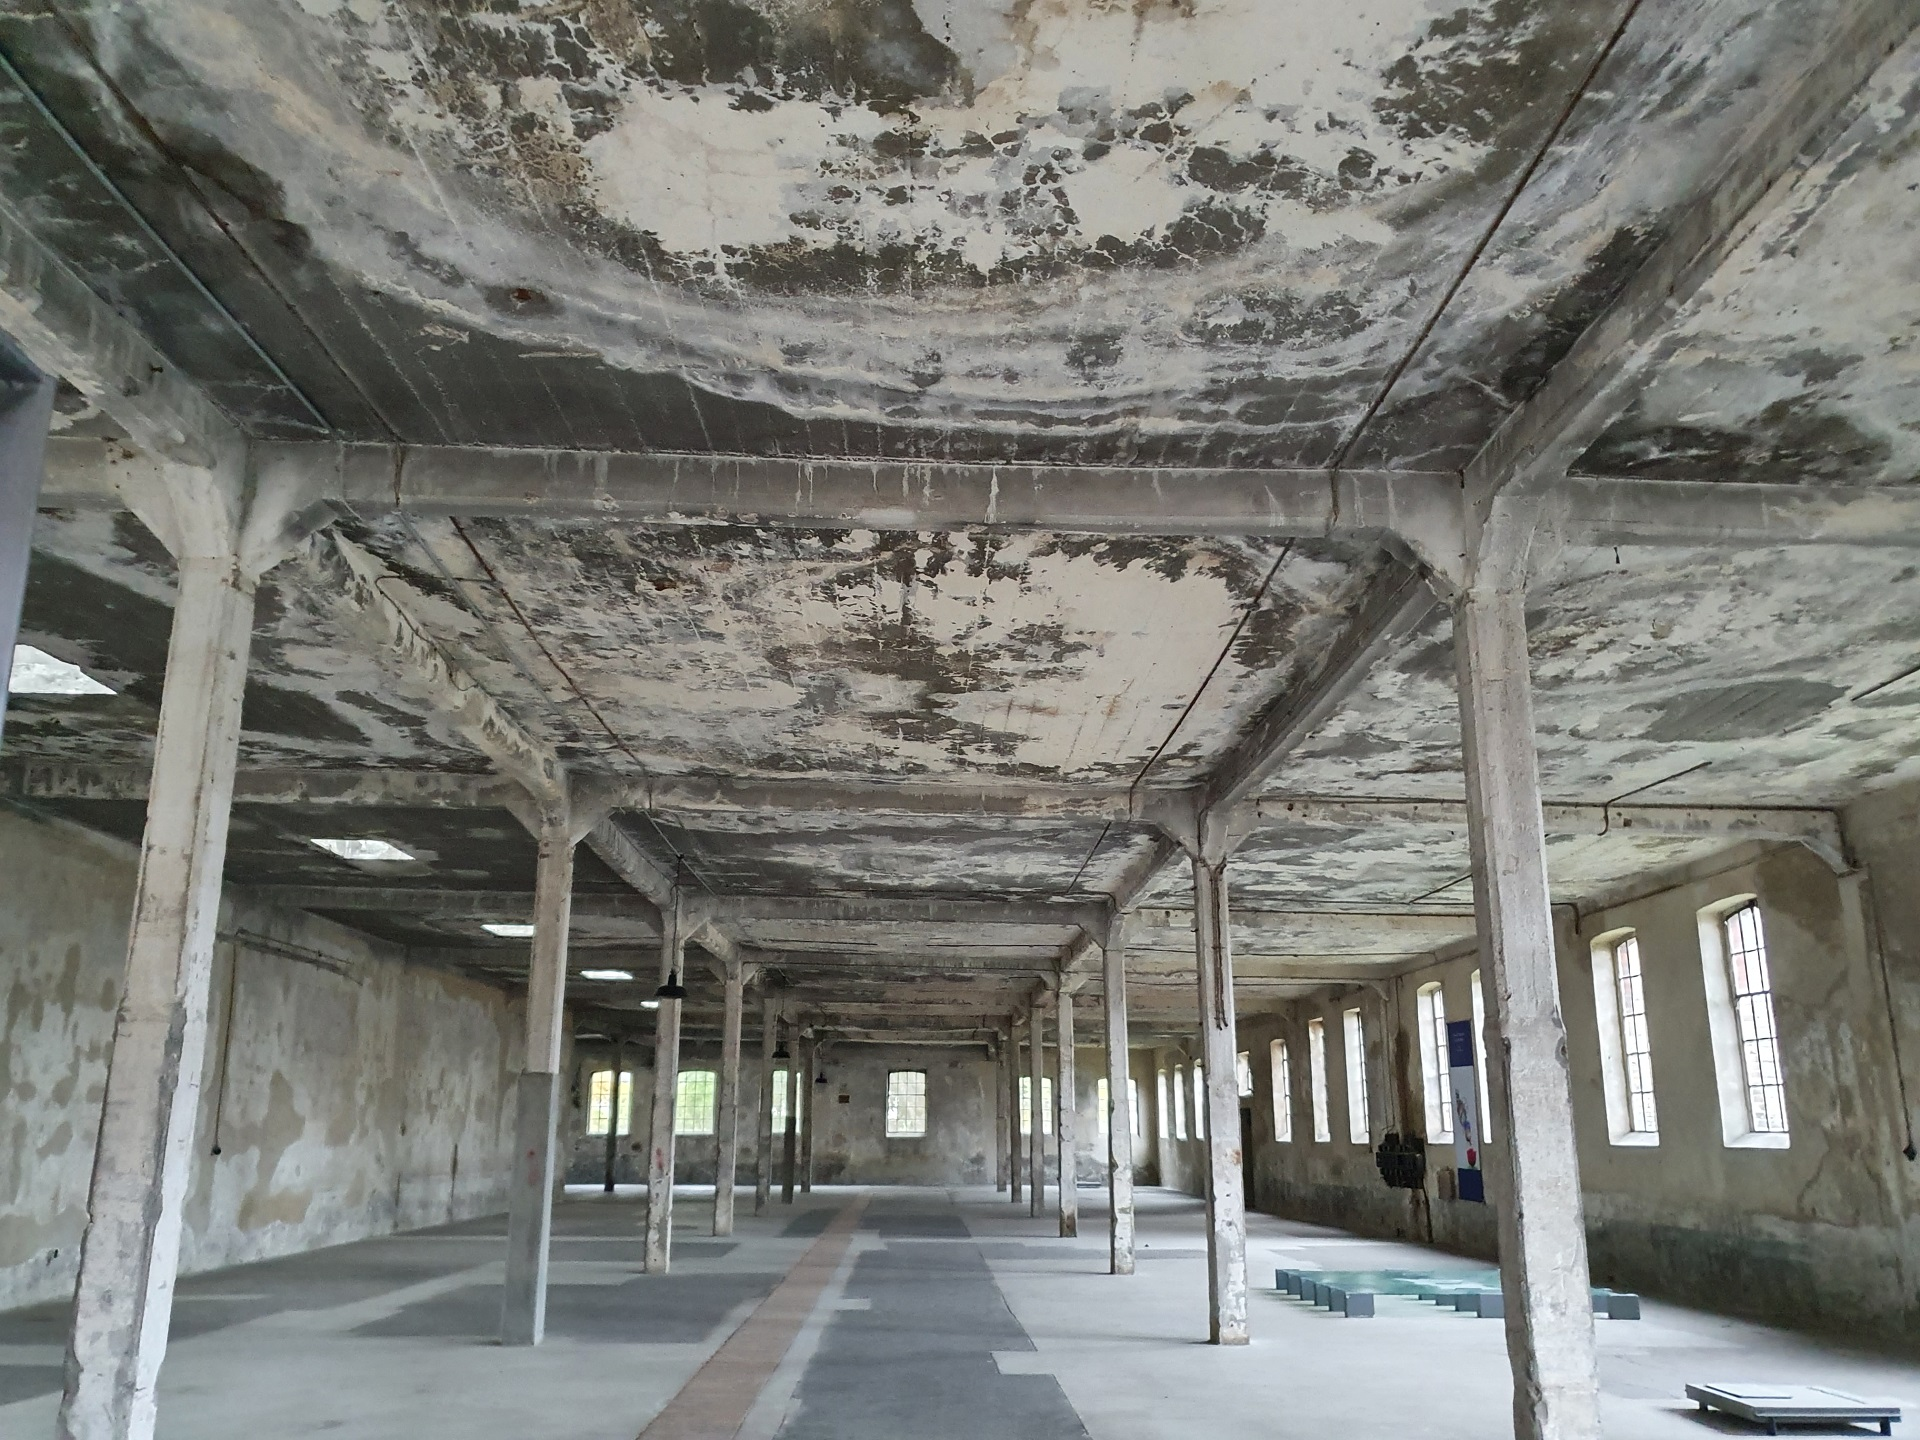 Išvyką į buvusią koncentracijos stovyklą Osthofene (Foto: A. D'Elia)